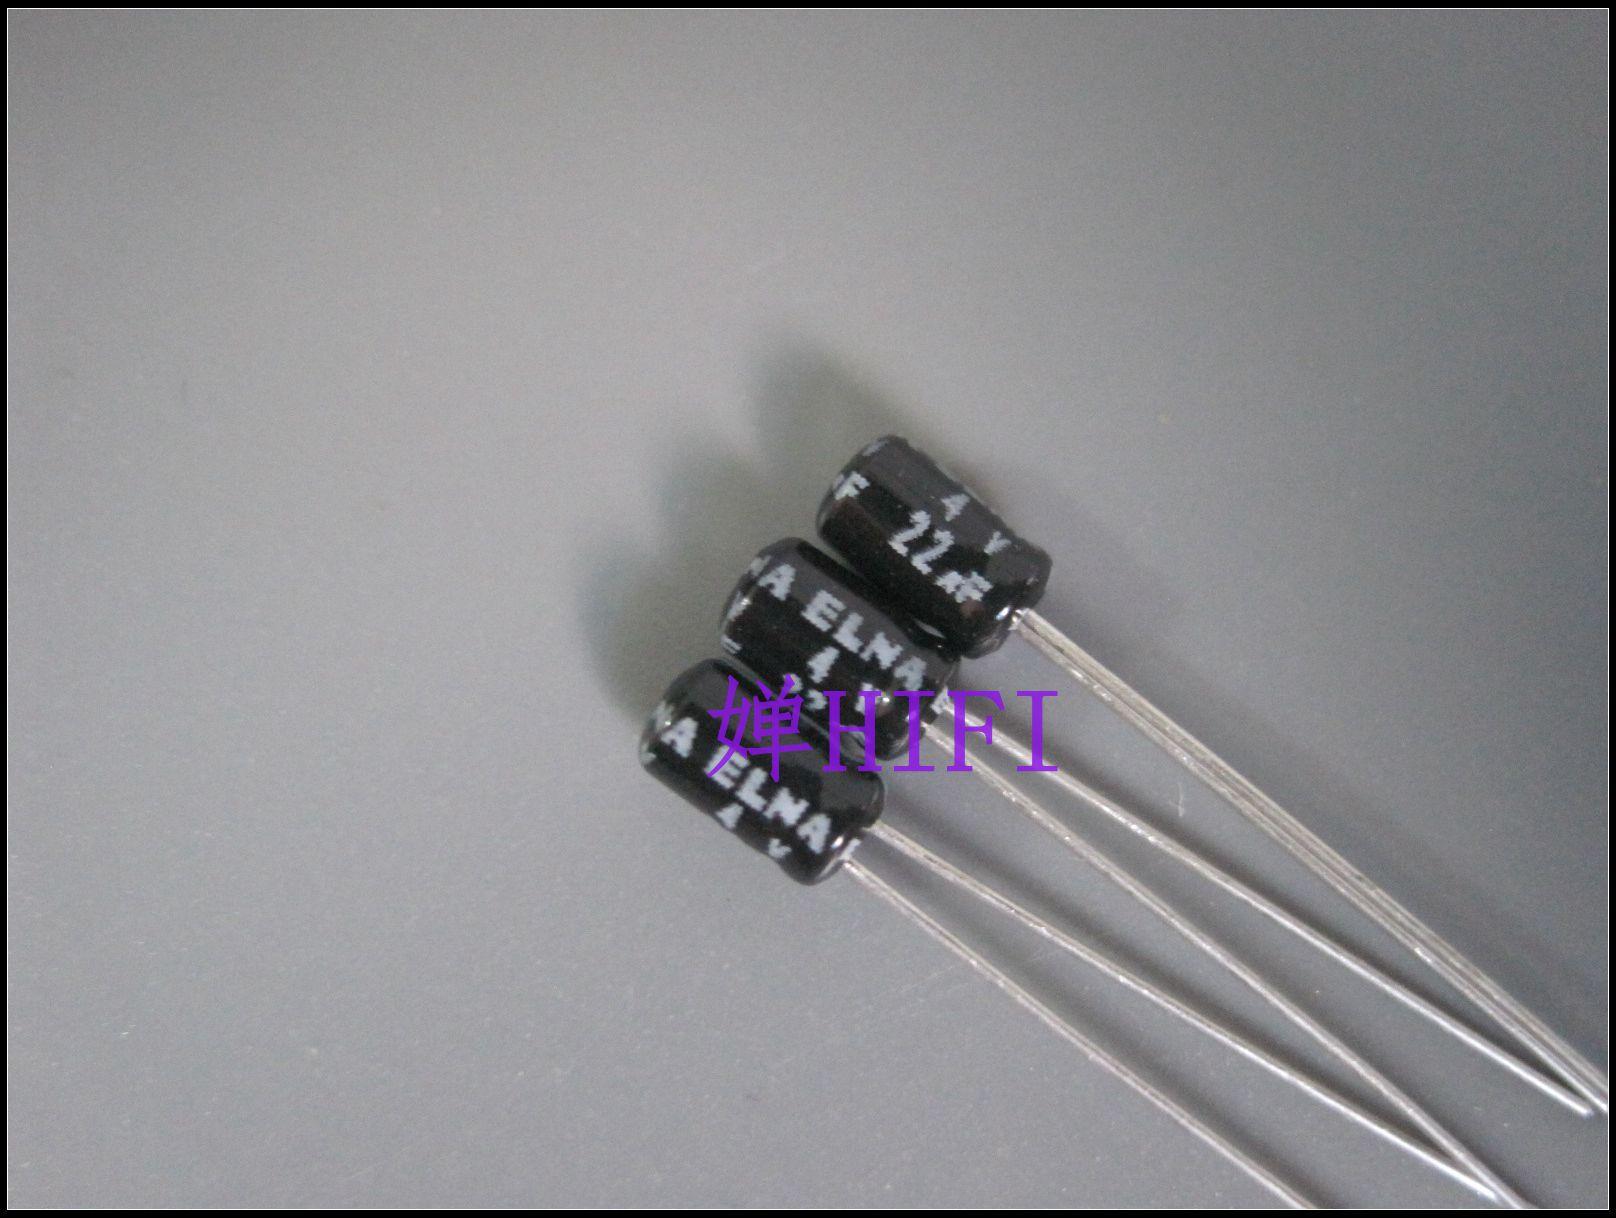 2019 hot sale 20PCS/50PCS Imported ELNA original original electrolytic capacitor 4v22uf 3x5mm free shipping2019 hot sale 20PCS/50PCS Imported ELNA original original electrolytic capacitor 4v22uf 3x5mm free shipping